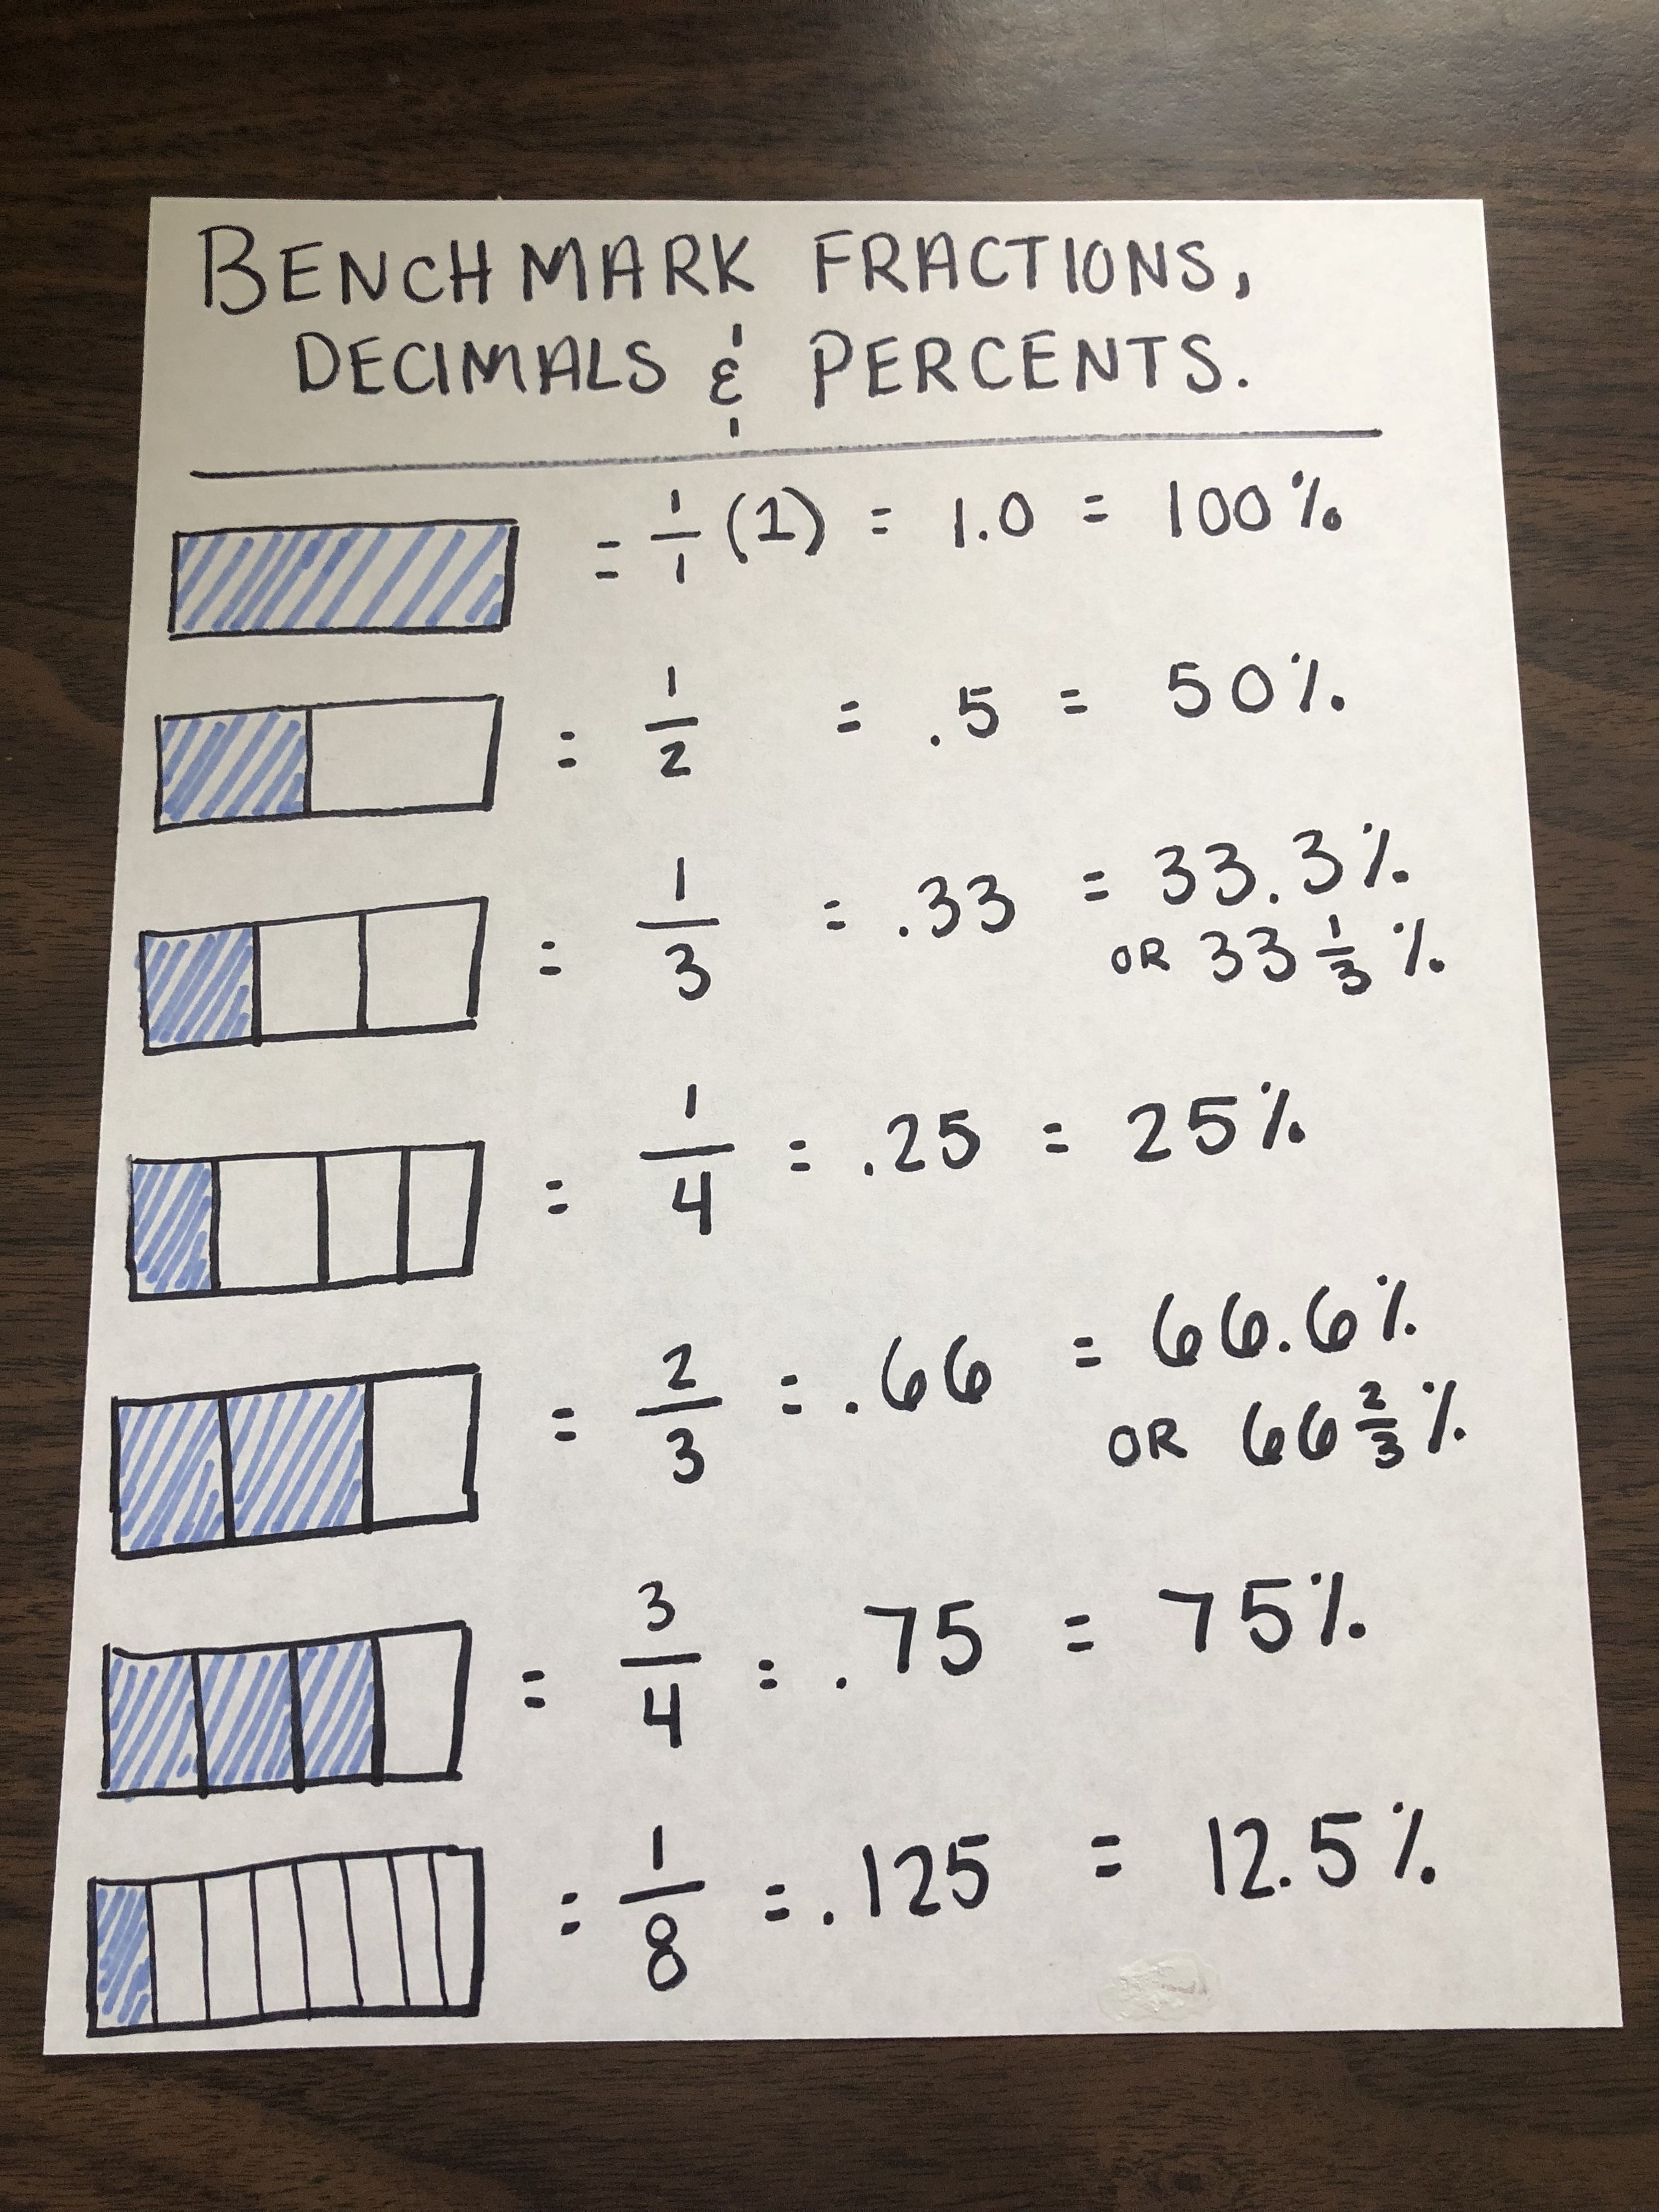 Benchmark Fraction